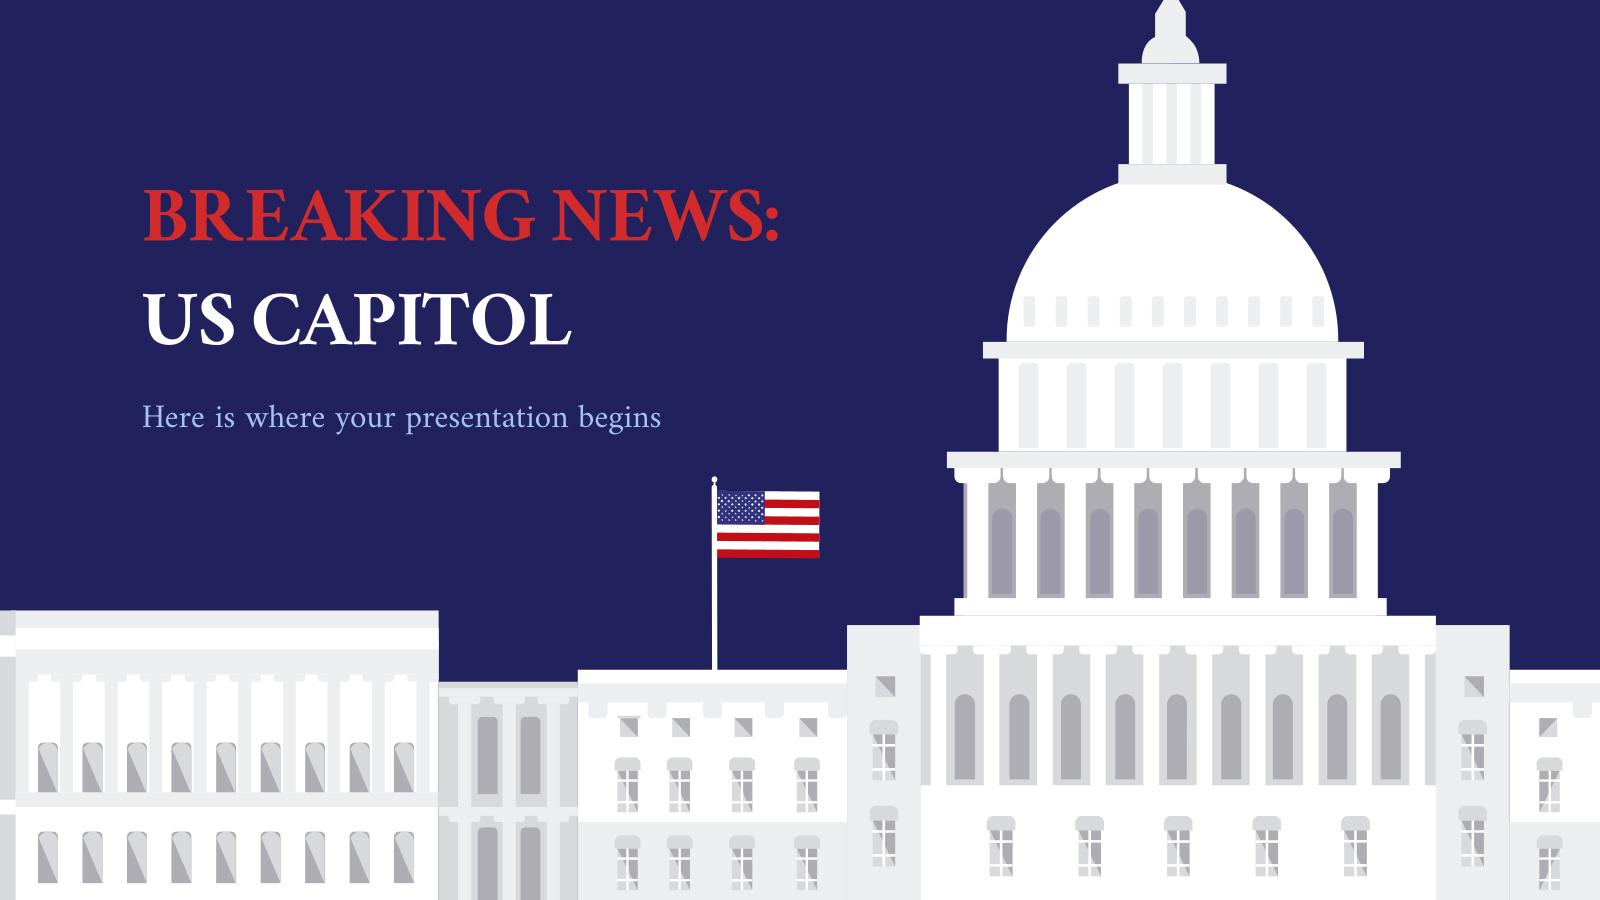 Plantilla de presentación Últimas noticias: Capitolio de los EE. UU.